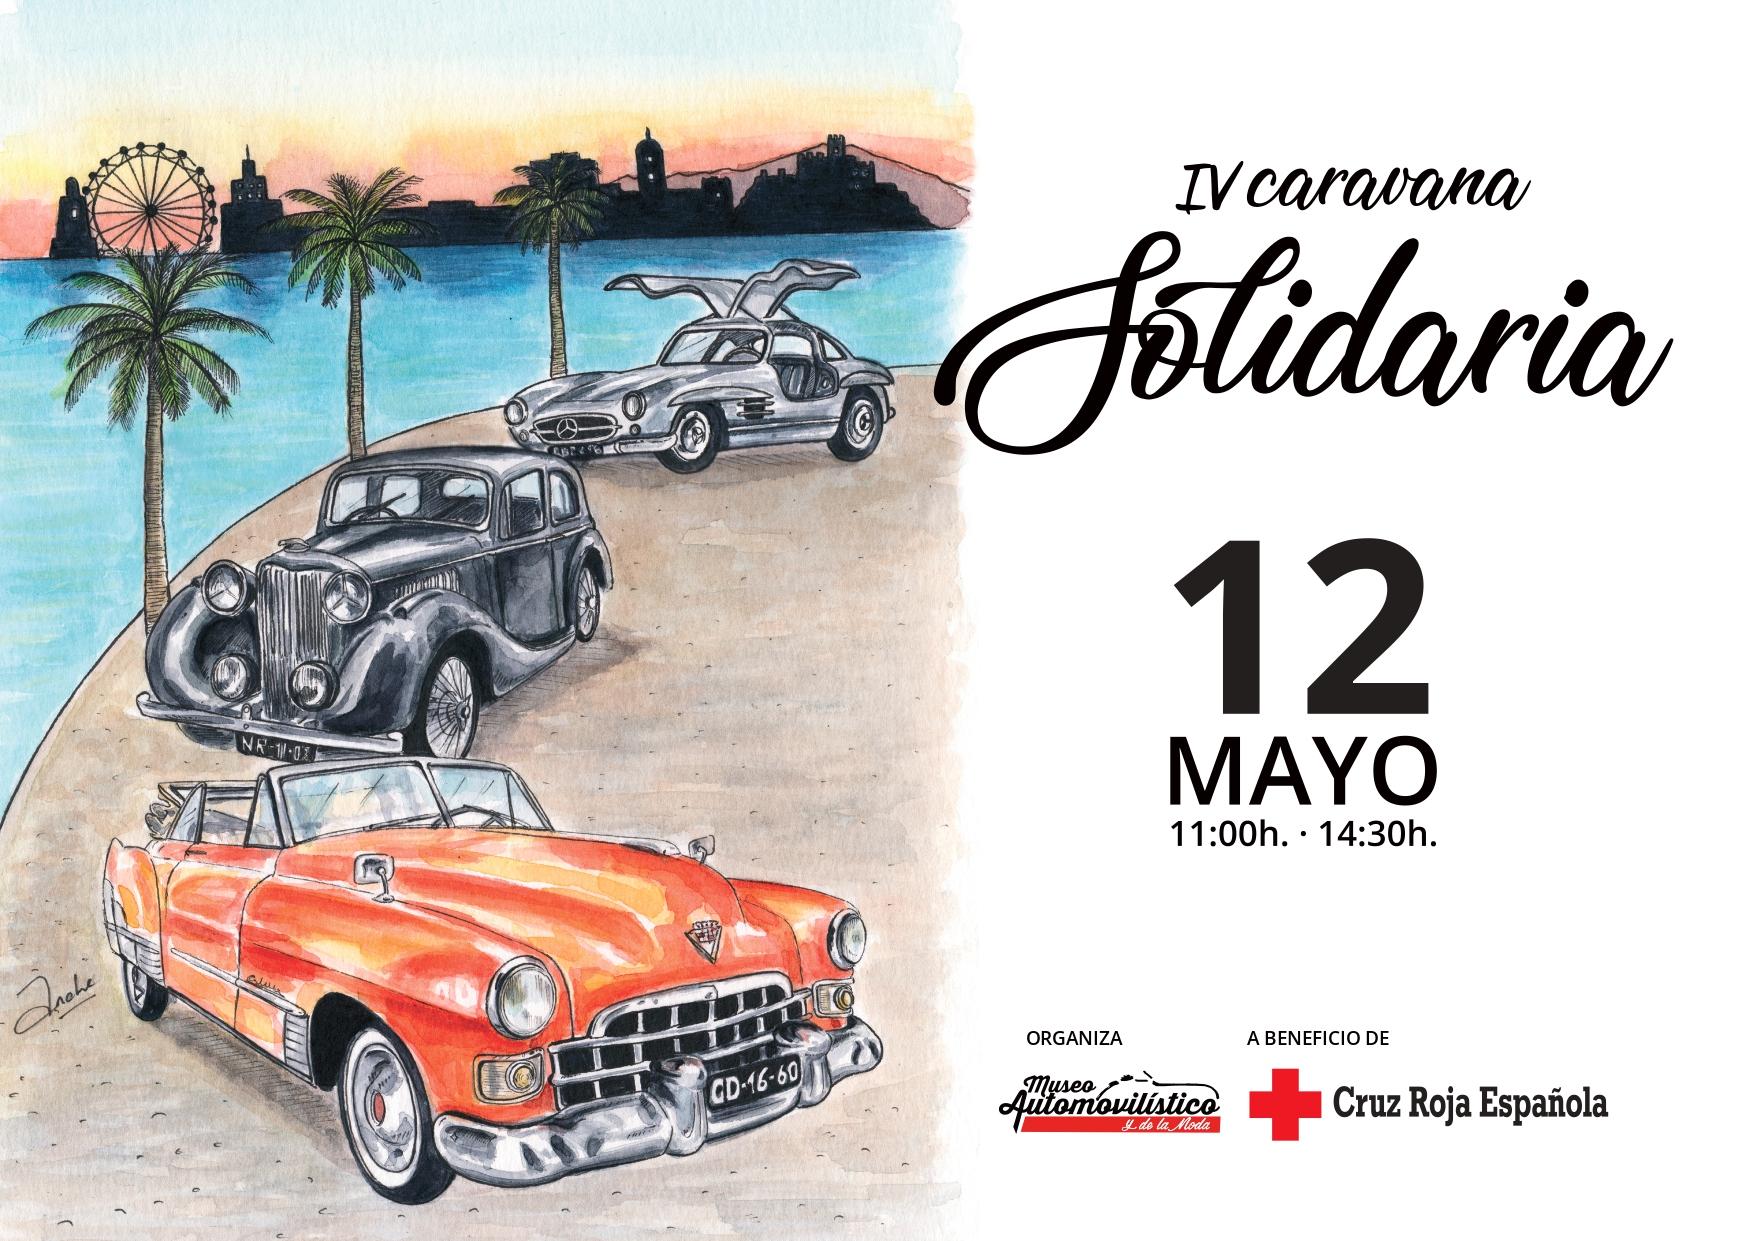 IV Caravana Solidaria